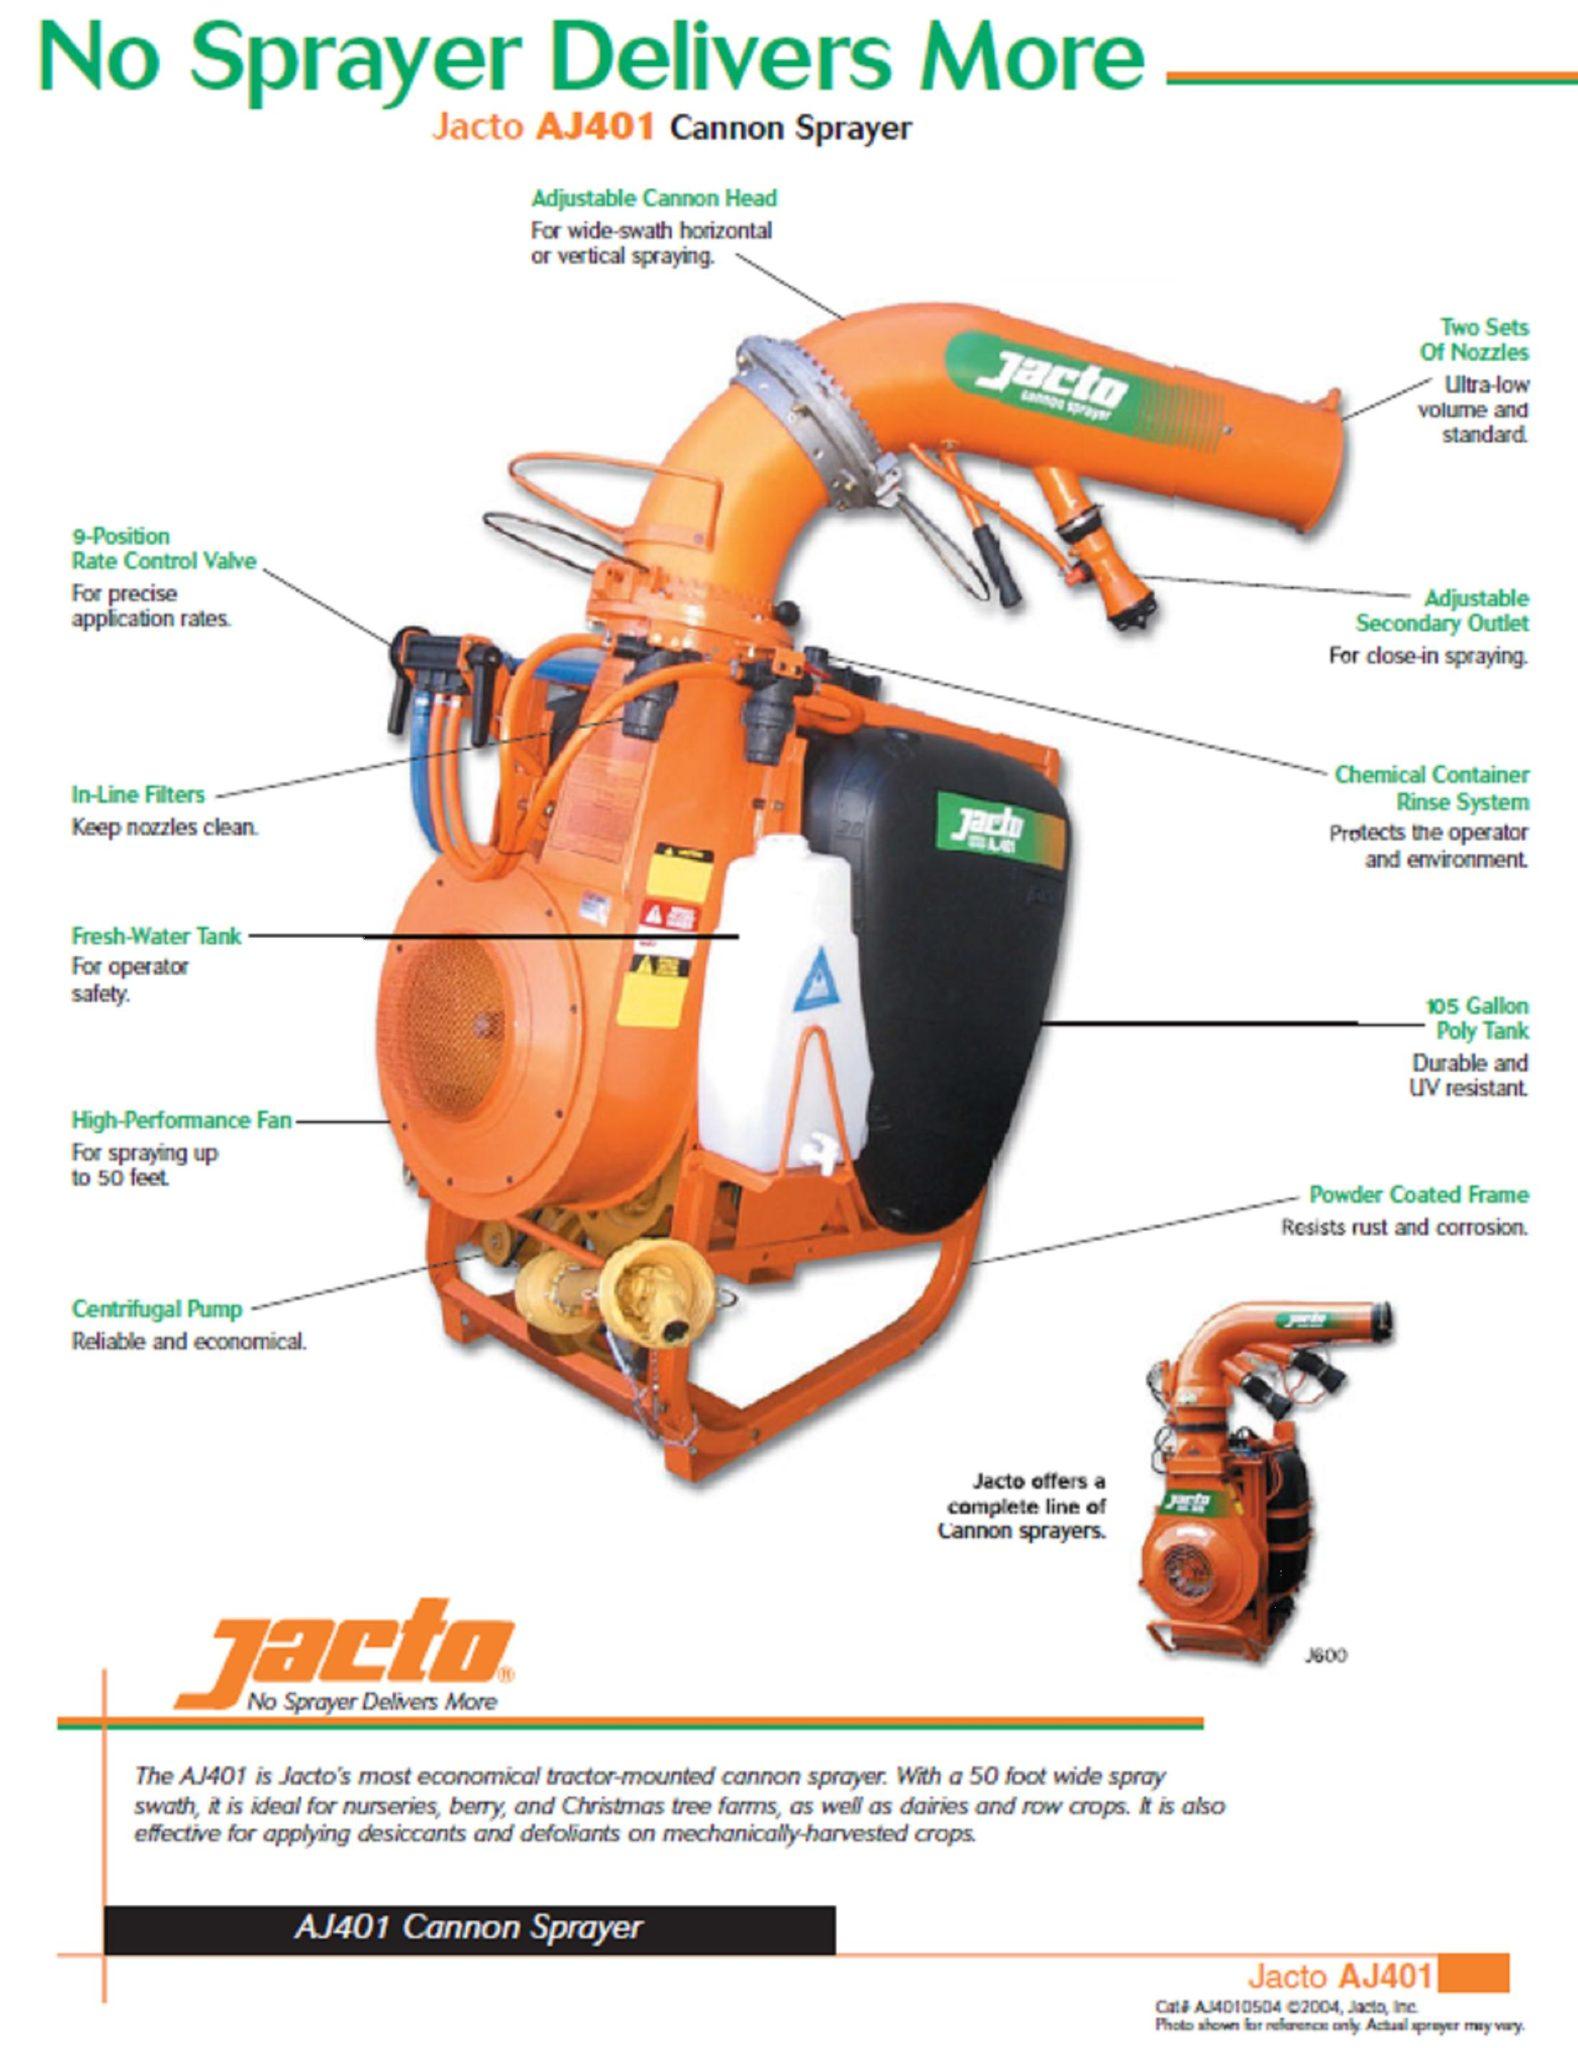 AJ401 Jacto Canon Sprayer